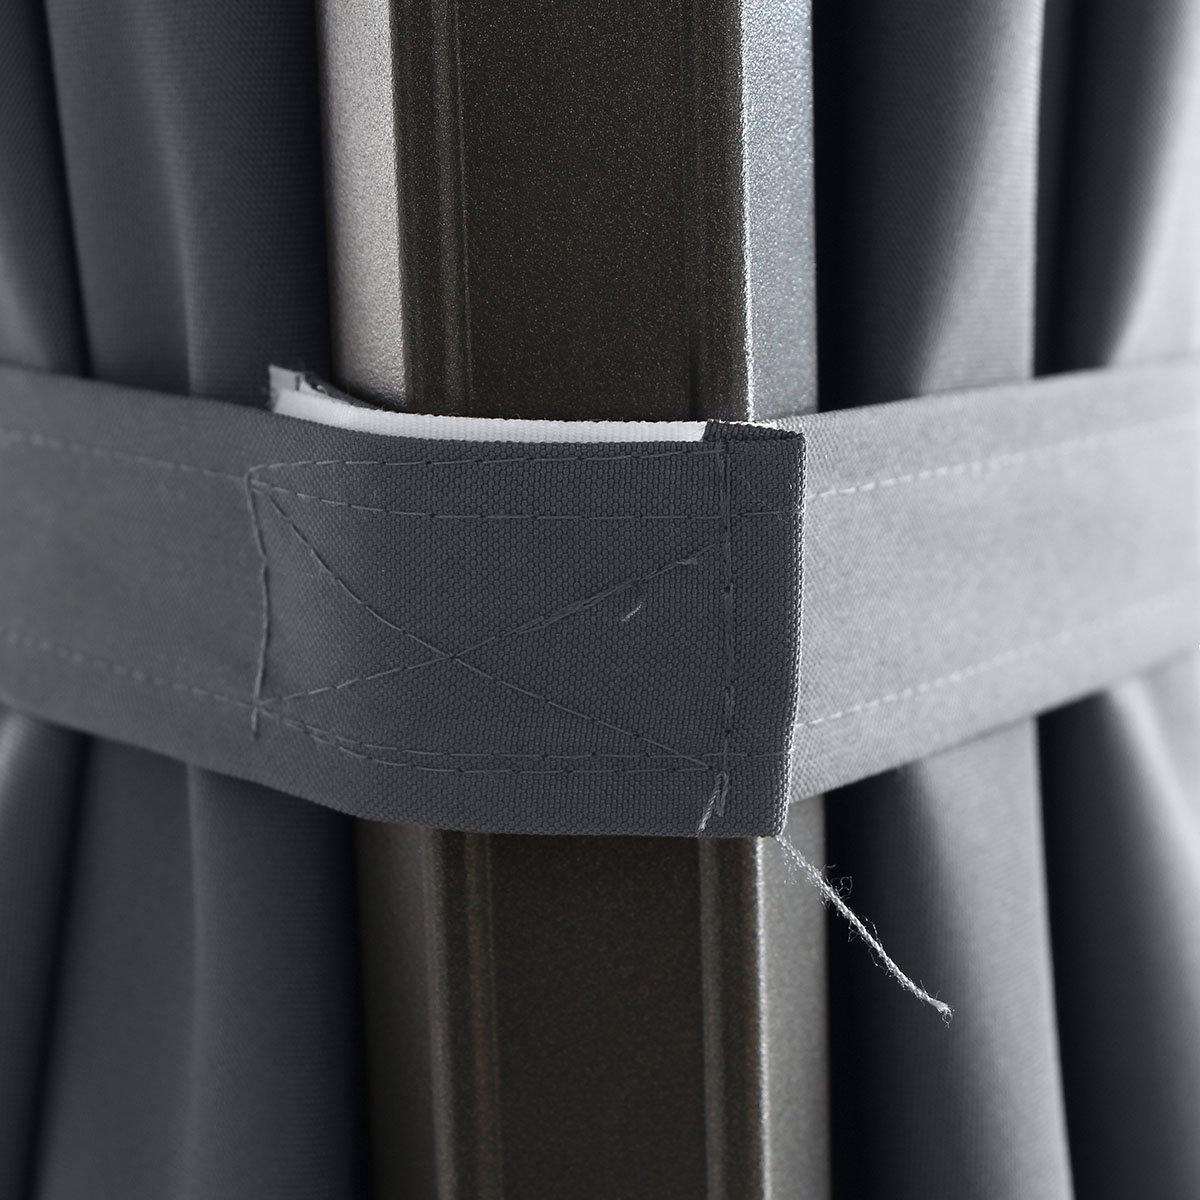 Ampelschirm RondoSunset, 350 cm, anthrazit | #6